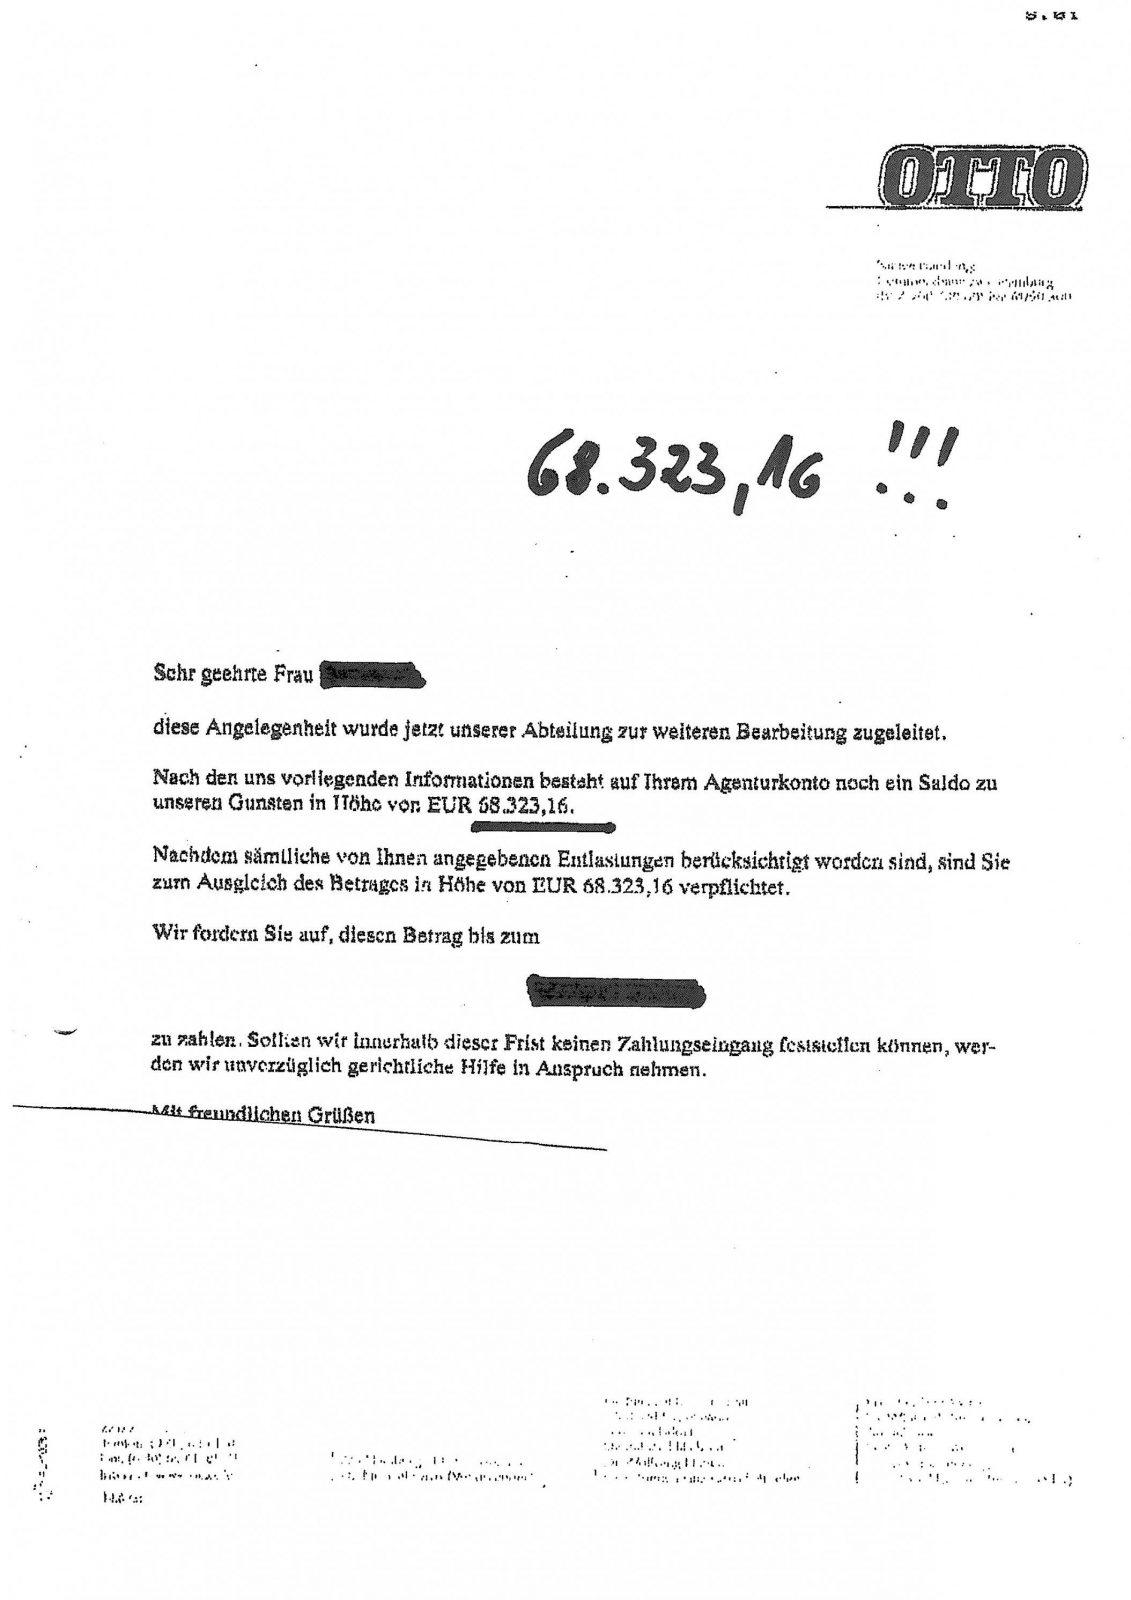 Deutscher Inkassodienst Otto  Ottoshopgeschädigte Info Zum von Deutscher Inkasso Dienst Otto Photo